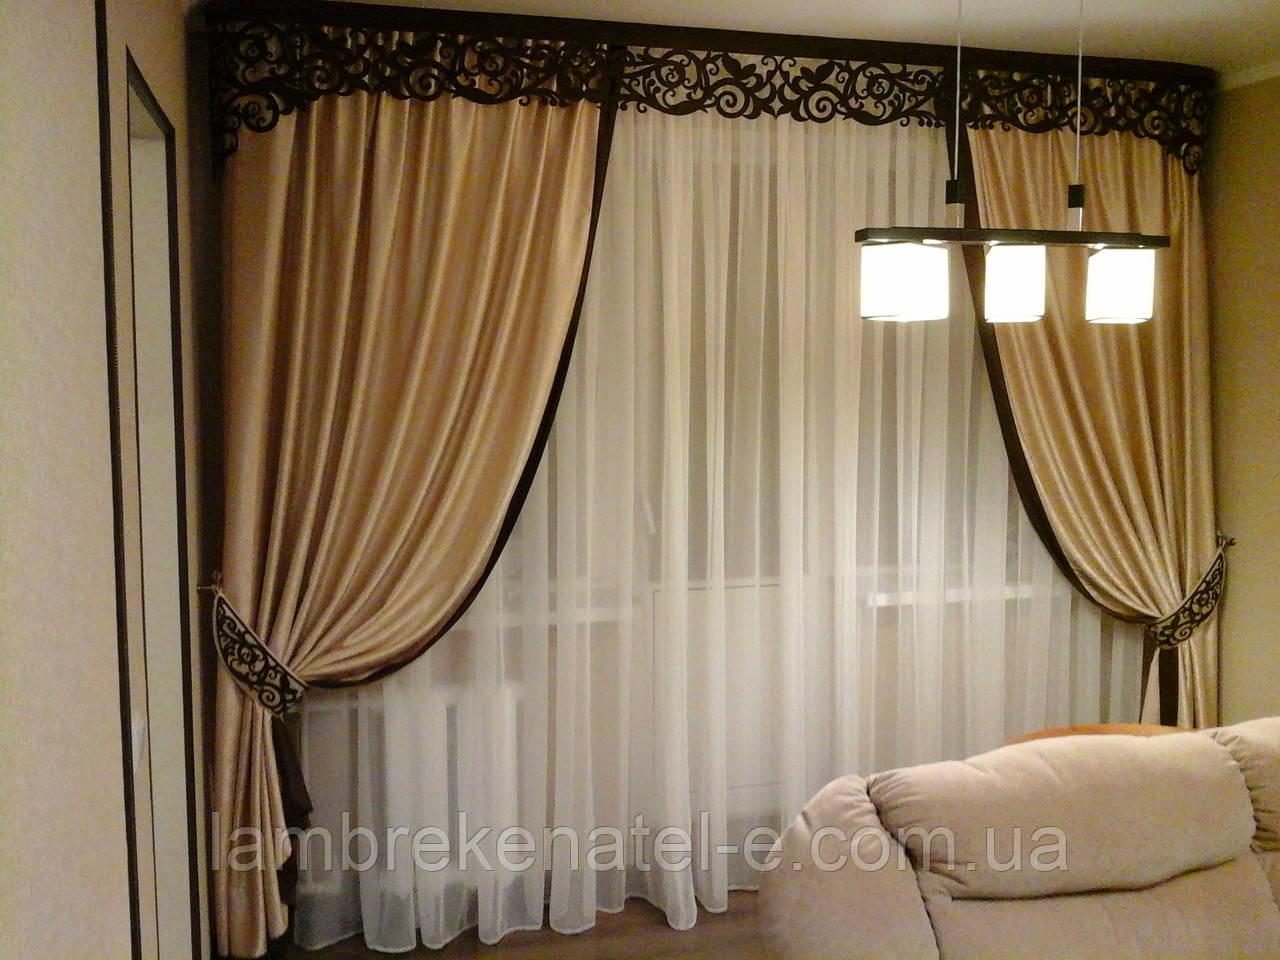 Портьерная ткань на окно